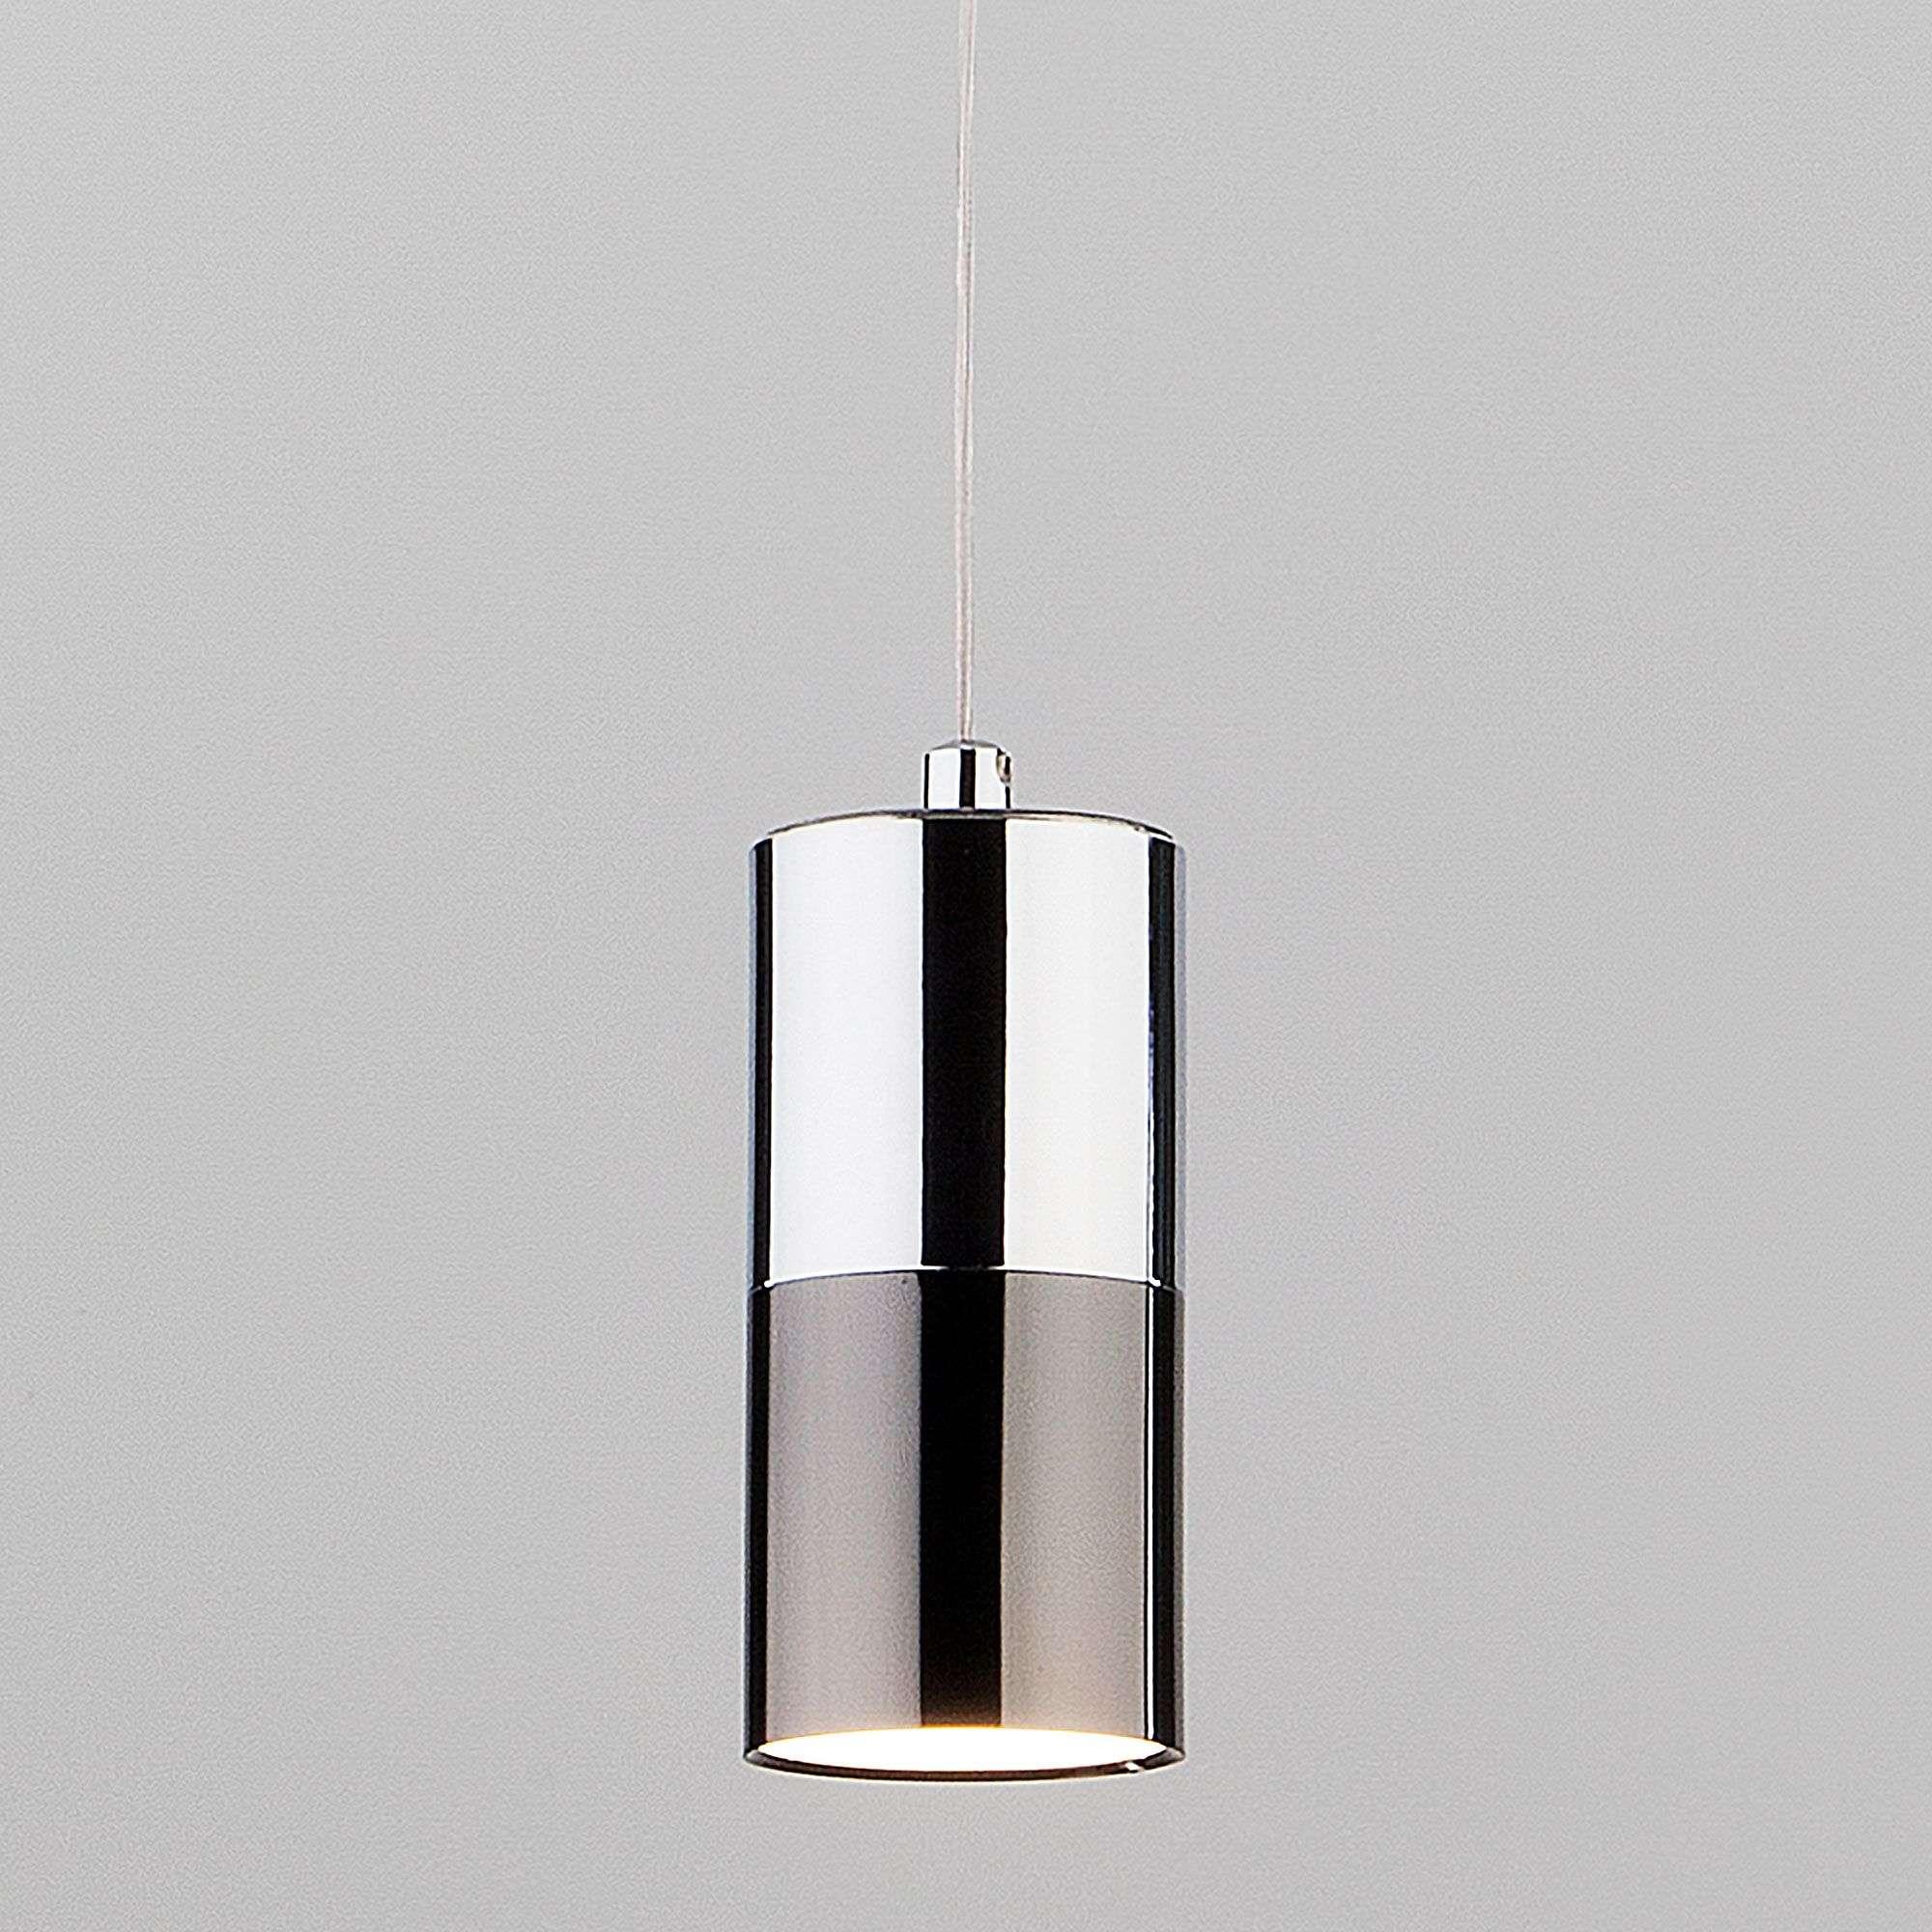 Подвесной светильник в стиле лофт 50146/1 хром/черный жемчуг